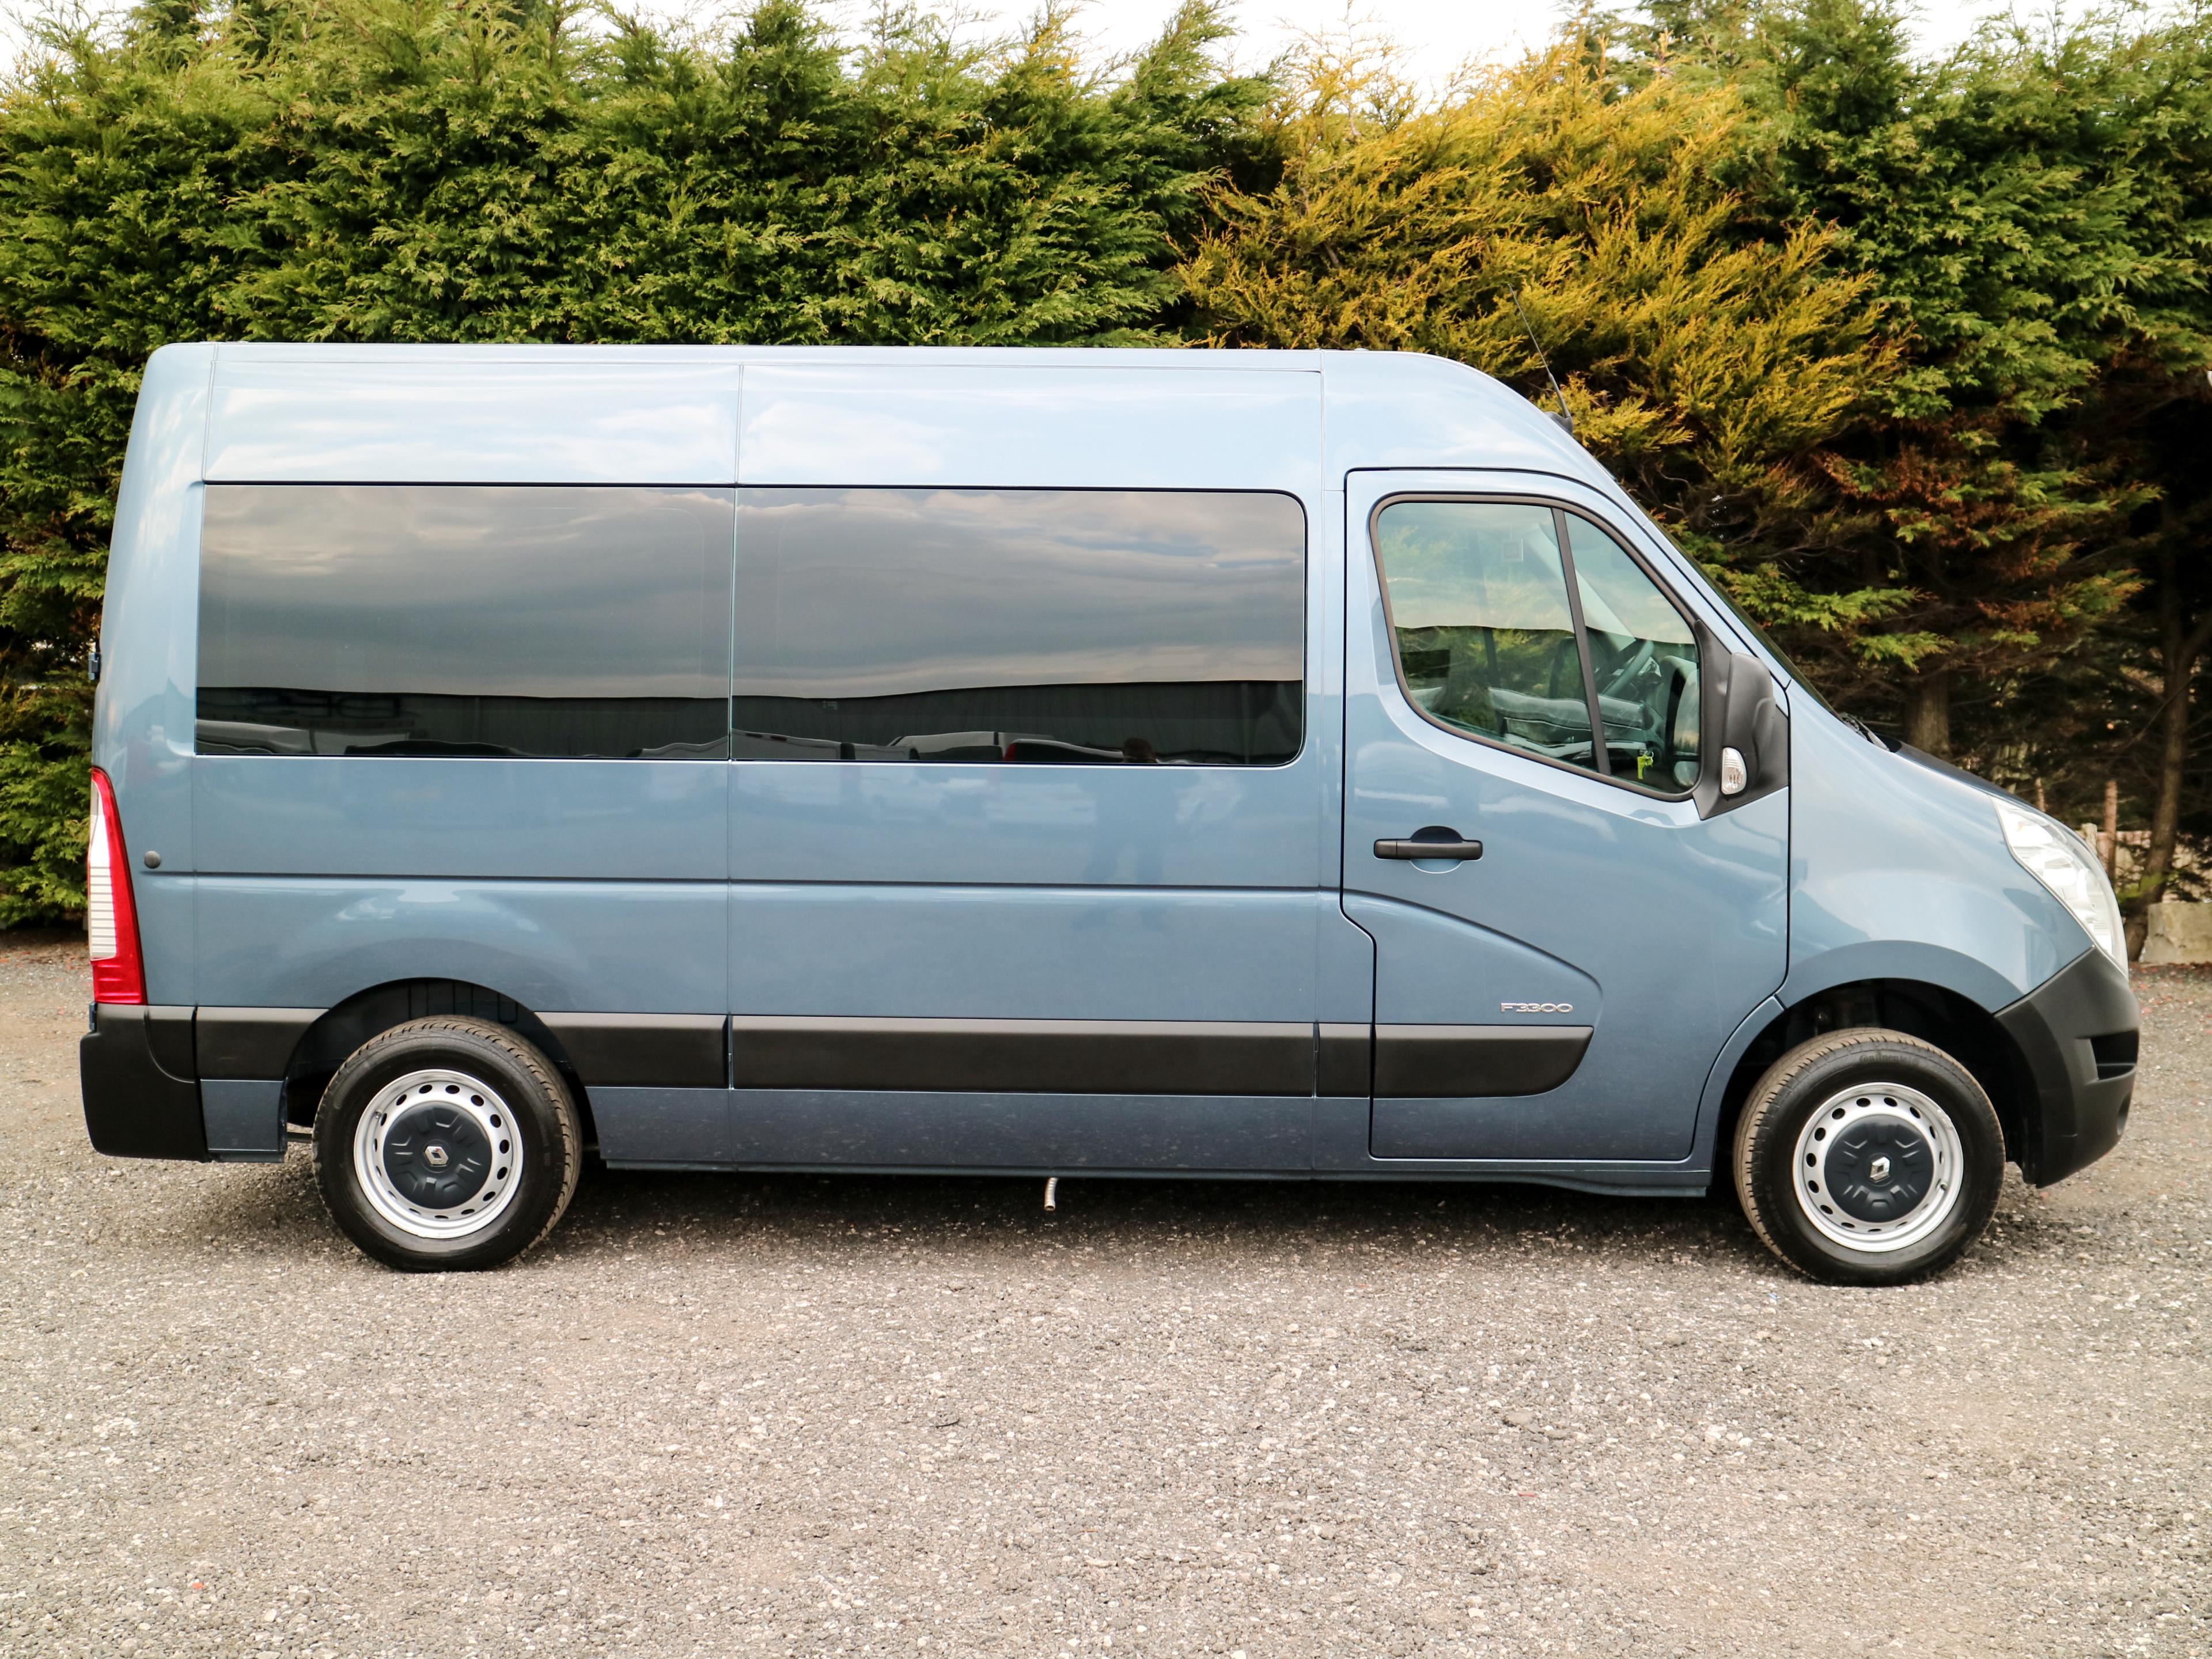 used ford vans for sale poulton vans autos post. Black Bedroom Furniture Sets. Home Design Ideas